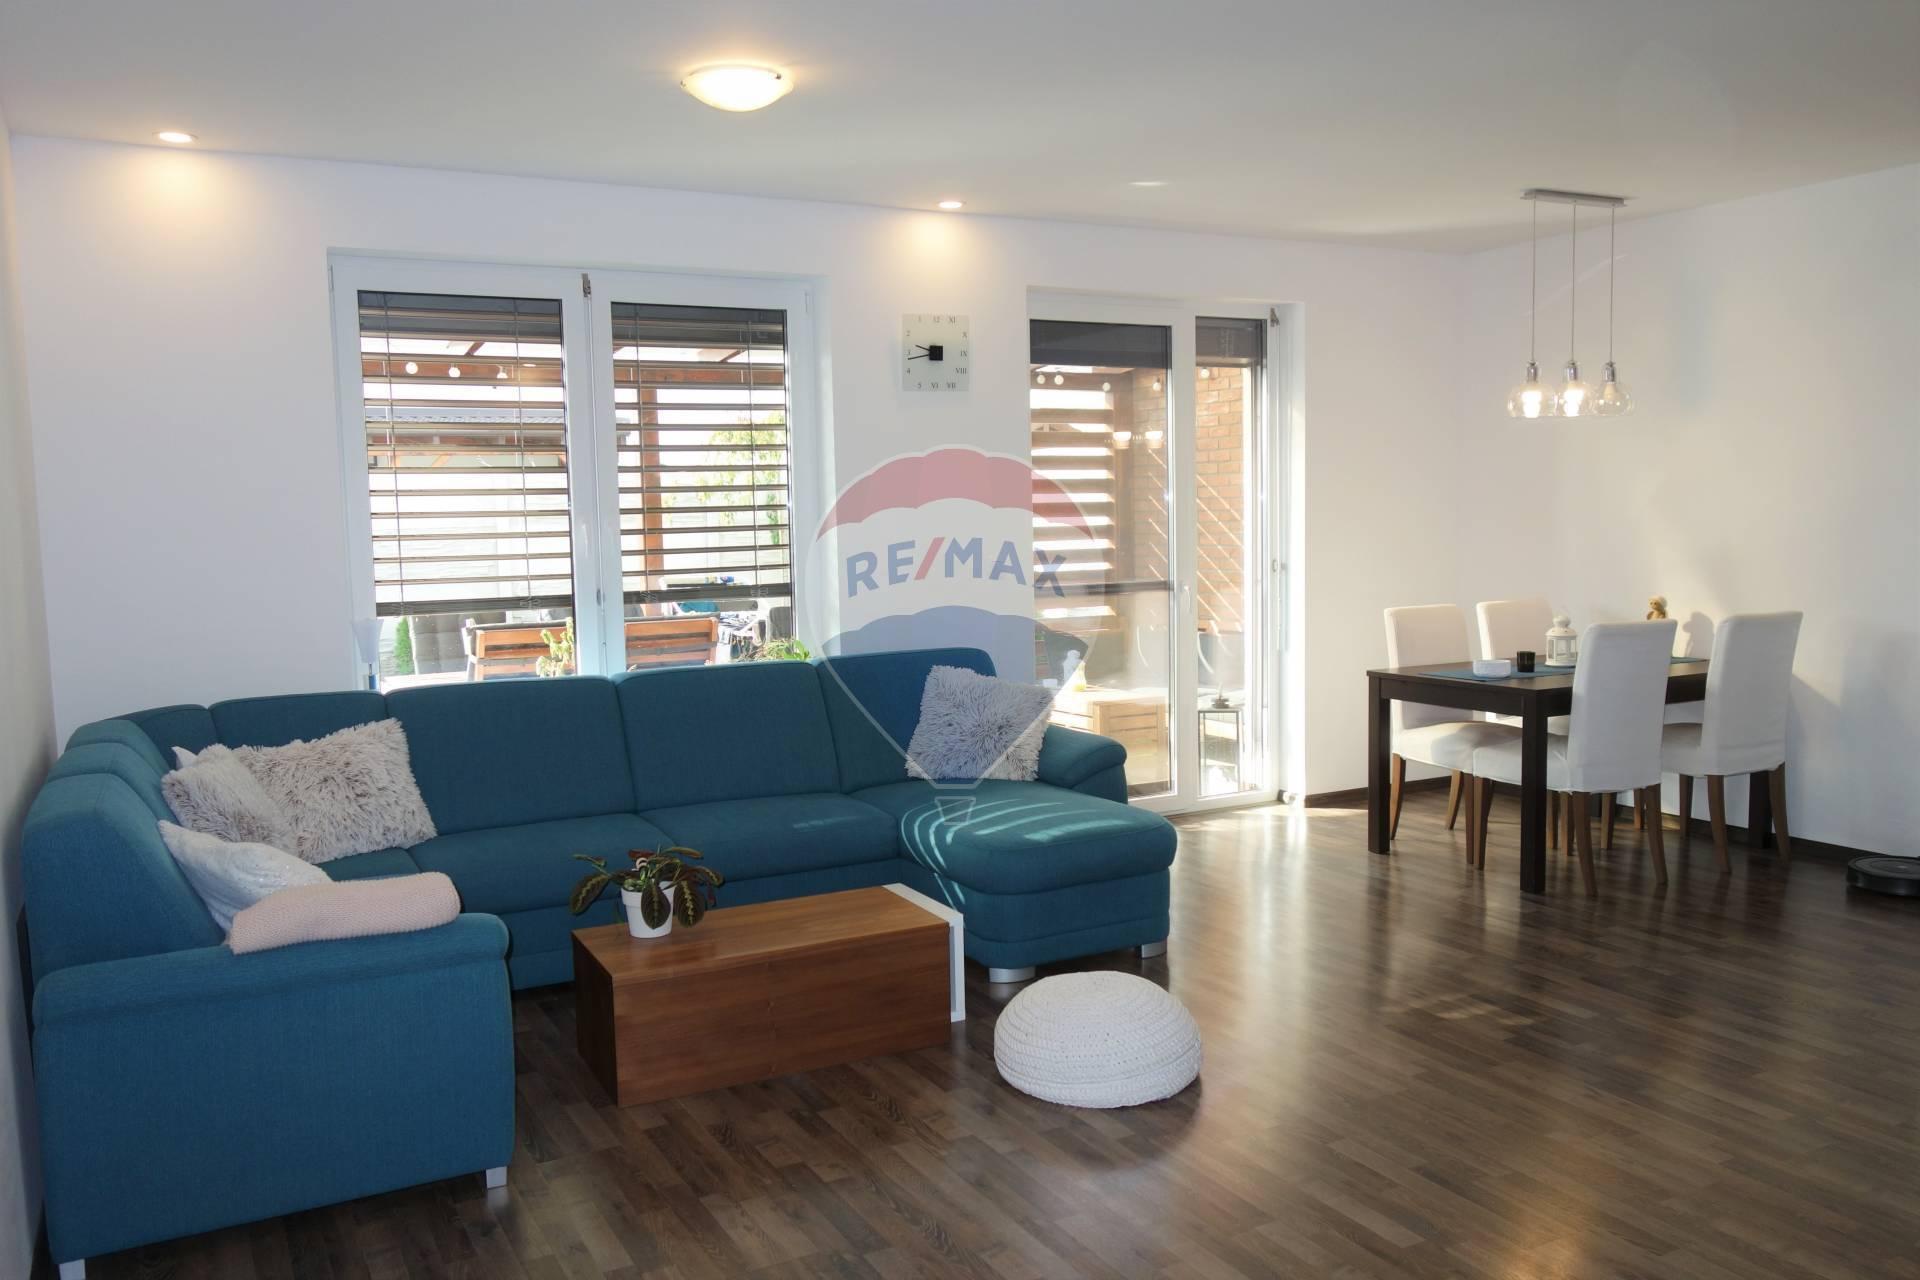 Predaj 3 izb. bytu, novostavba, parkovacie státie, záhrada, Ekoosada